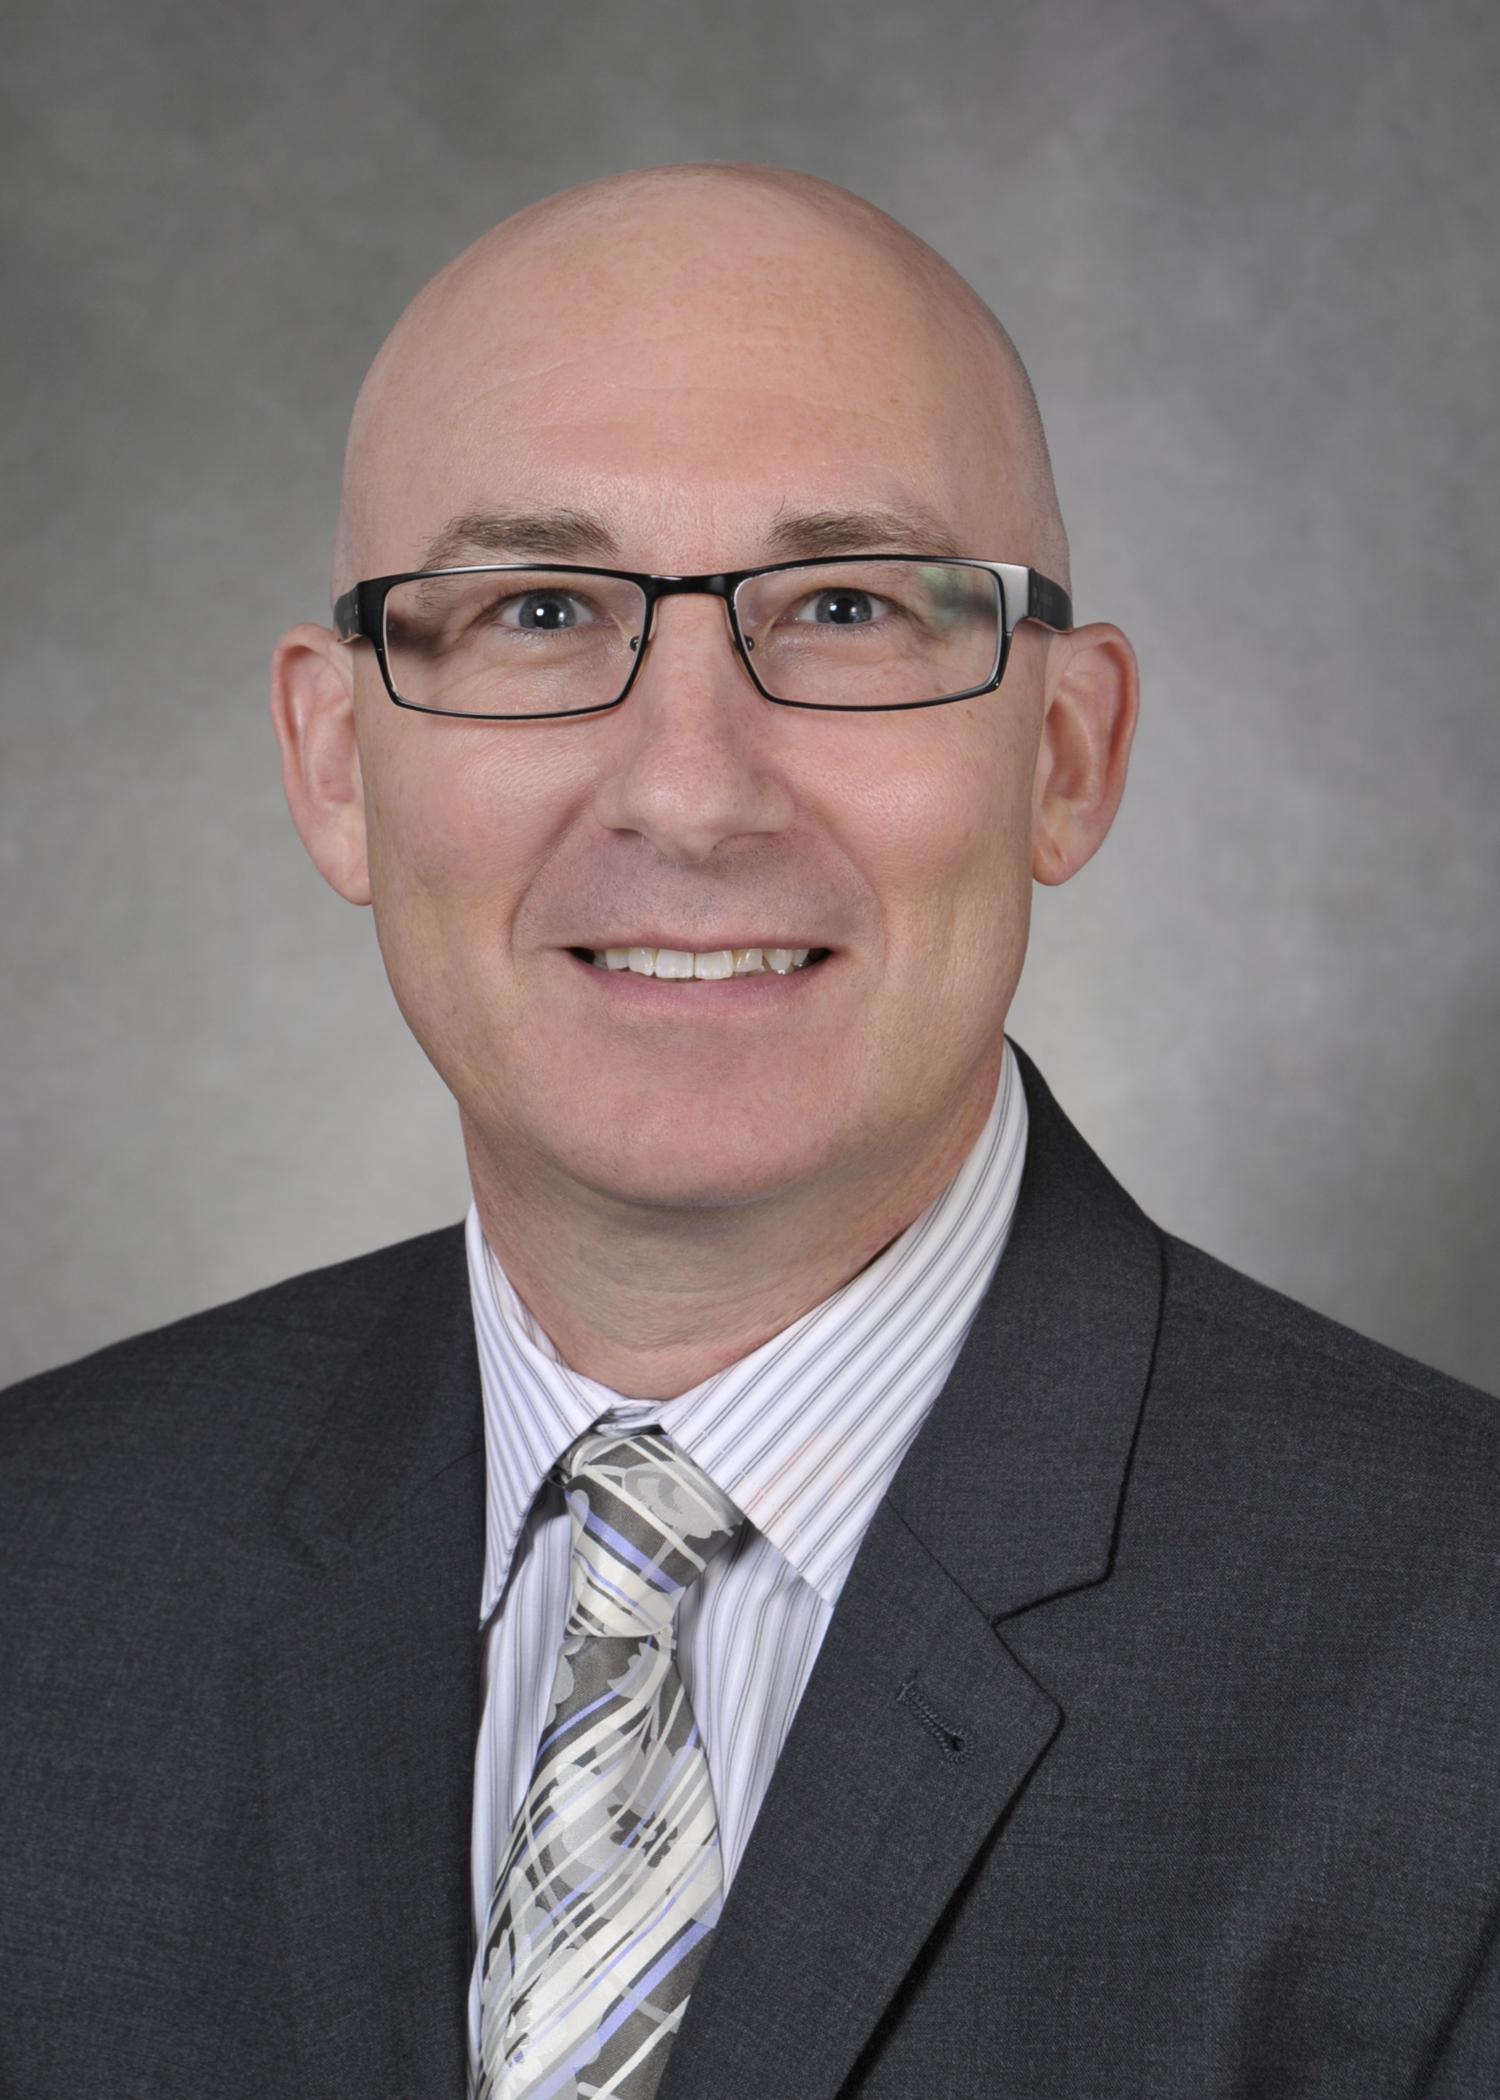 Dr. William Lyons